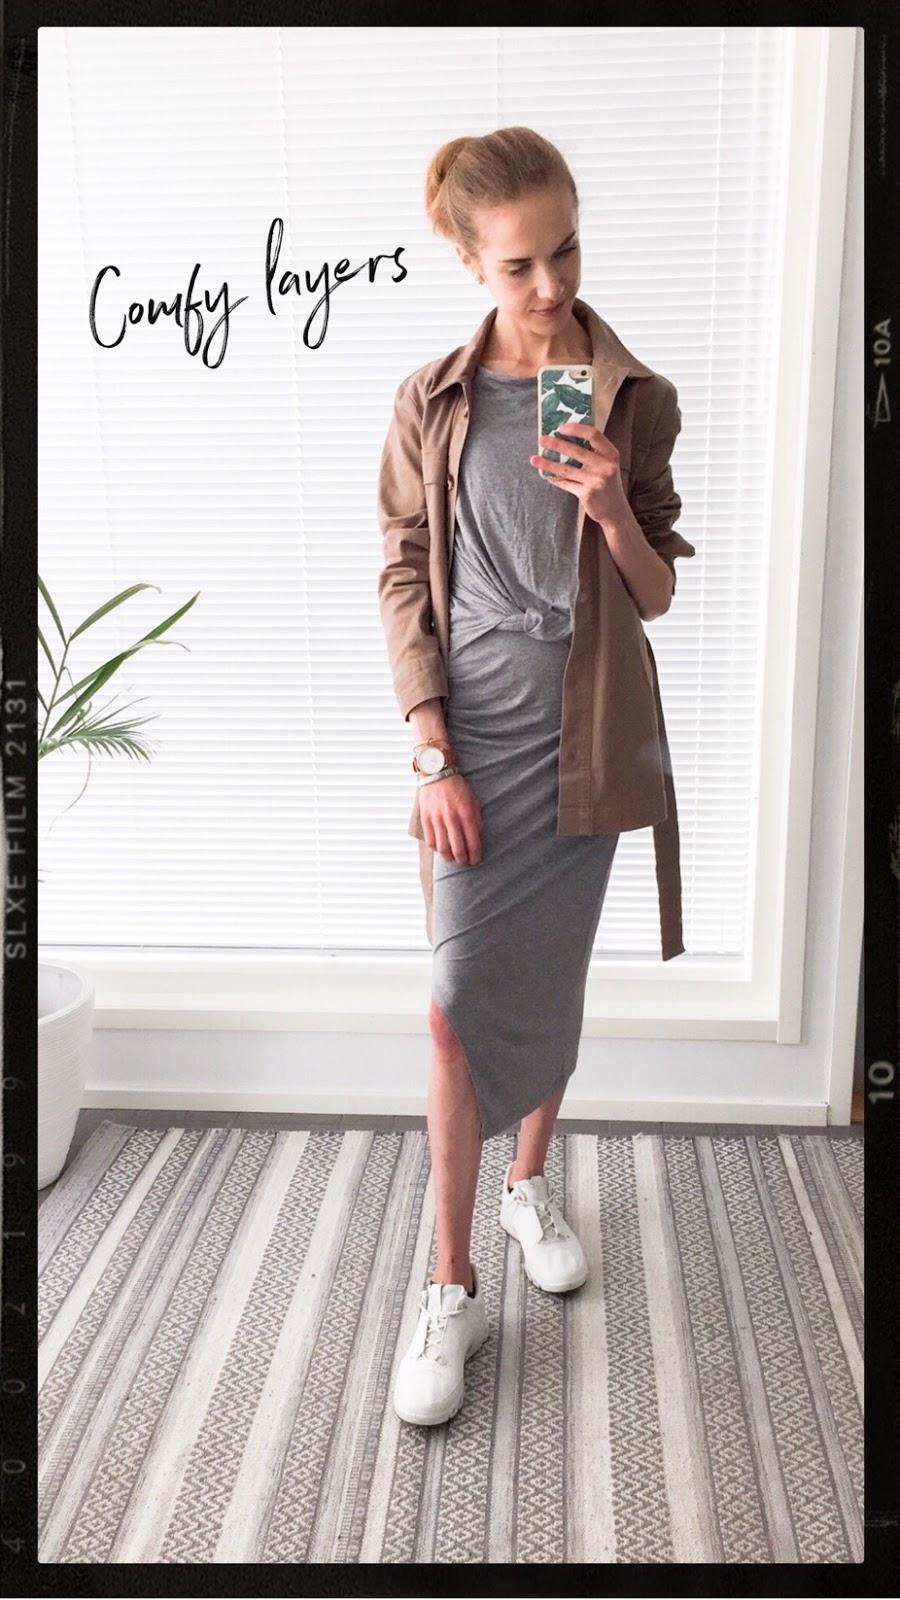 transitional-layered-autumn-outfit-fashion-blogger-syysmuoti-välikausipukeutuminen-kerrospukeutuminen-muotiblogi-inspiraatio-kappahl